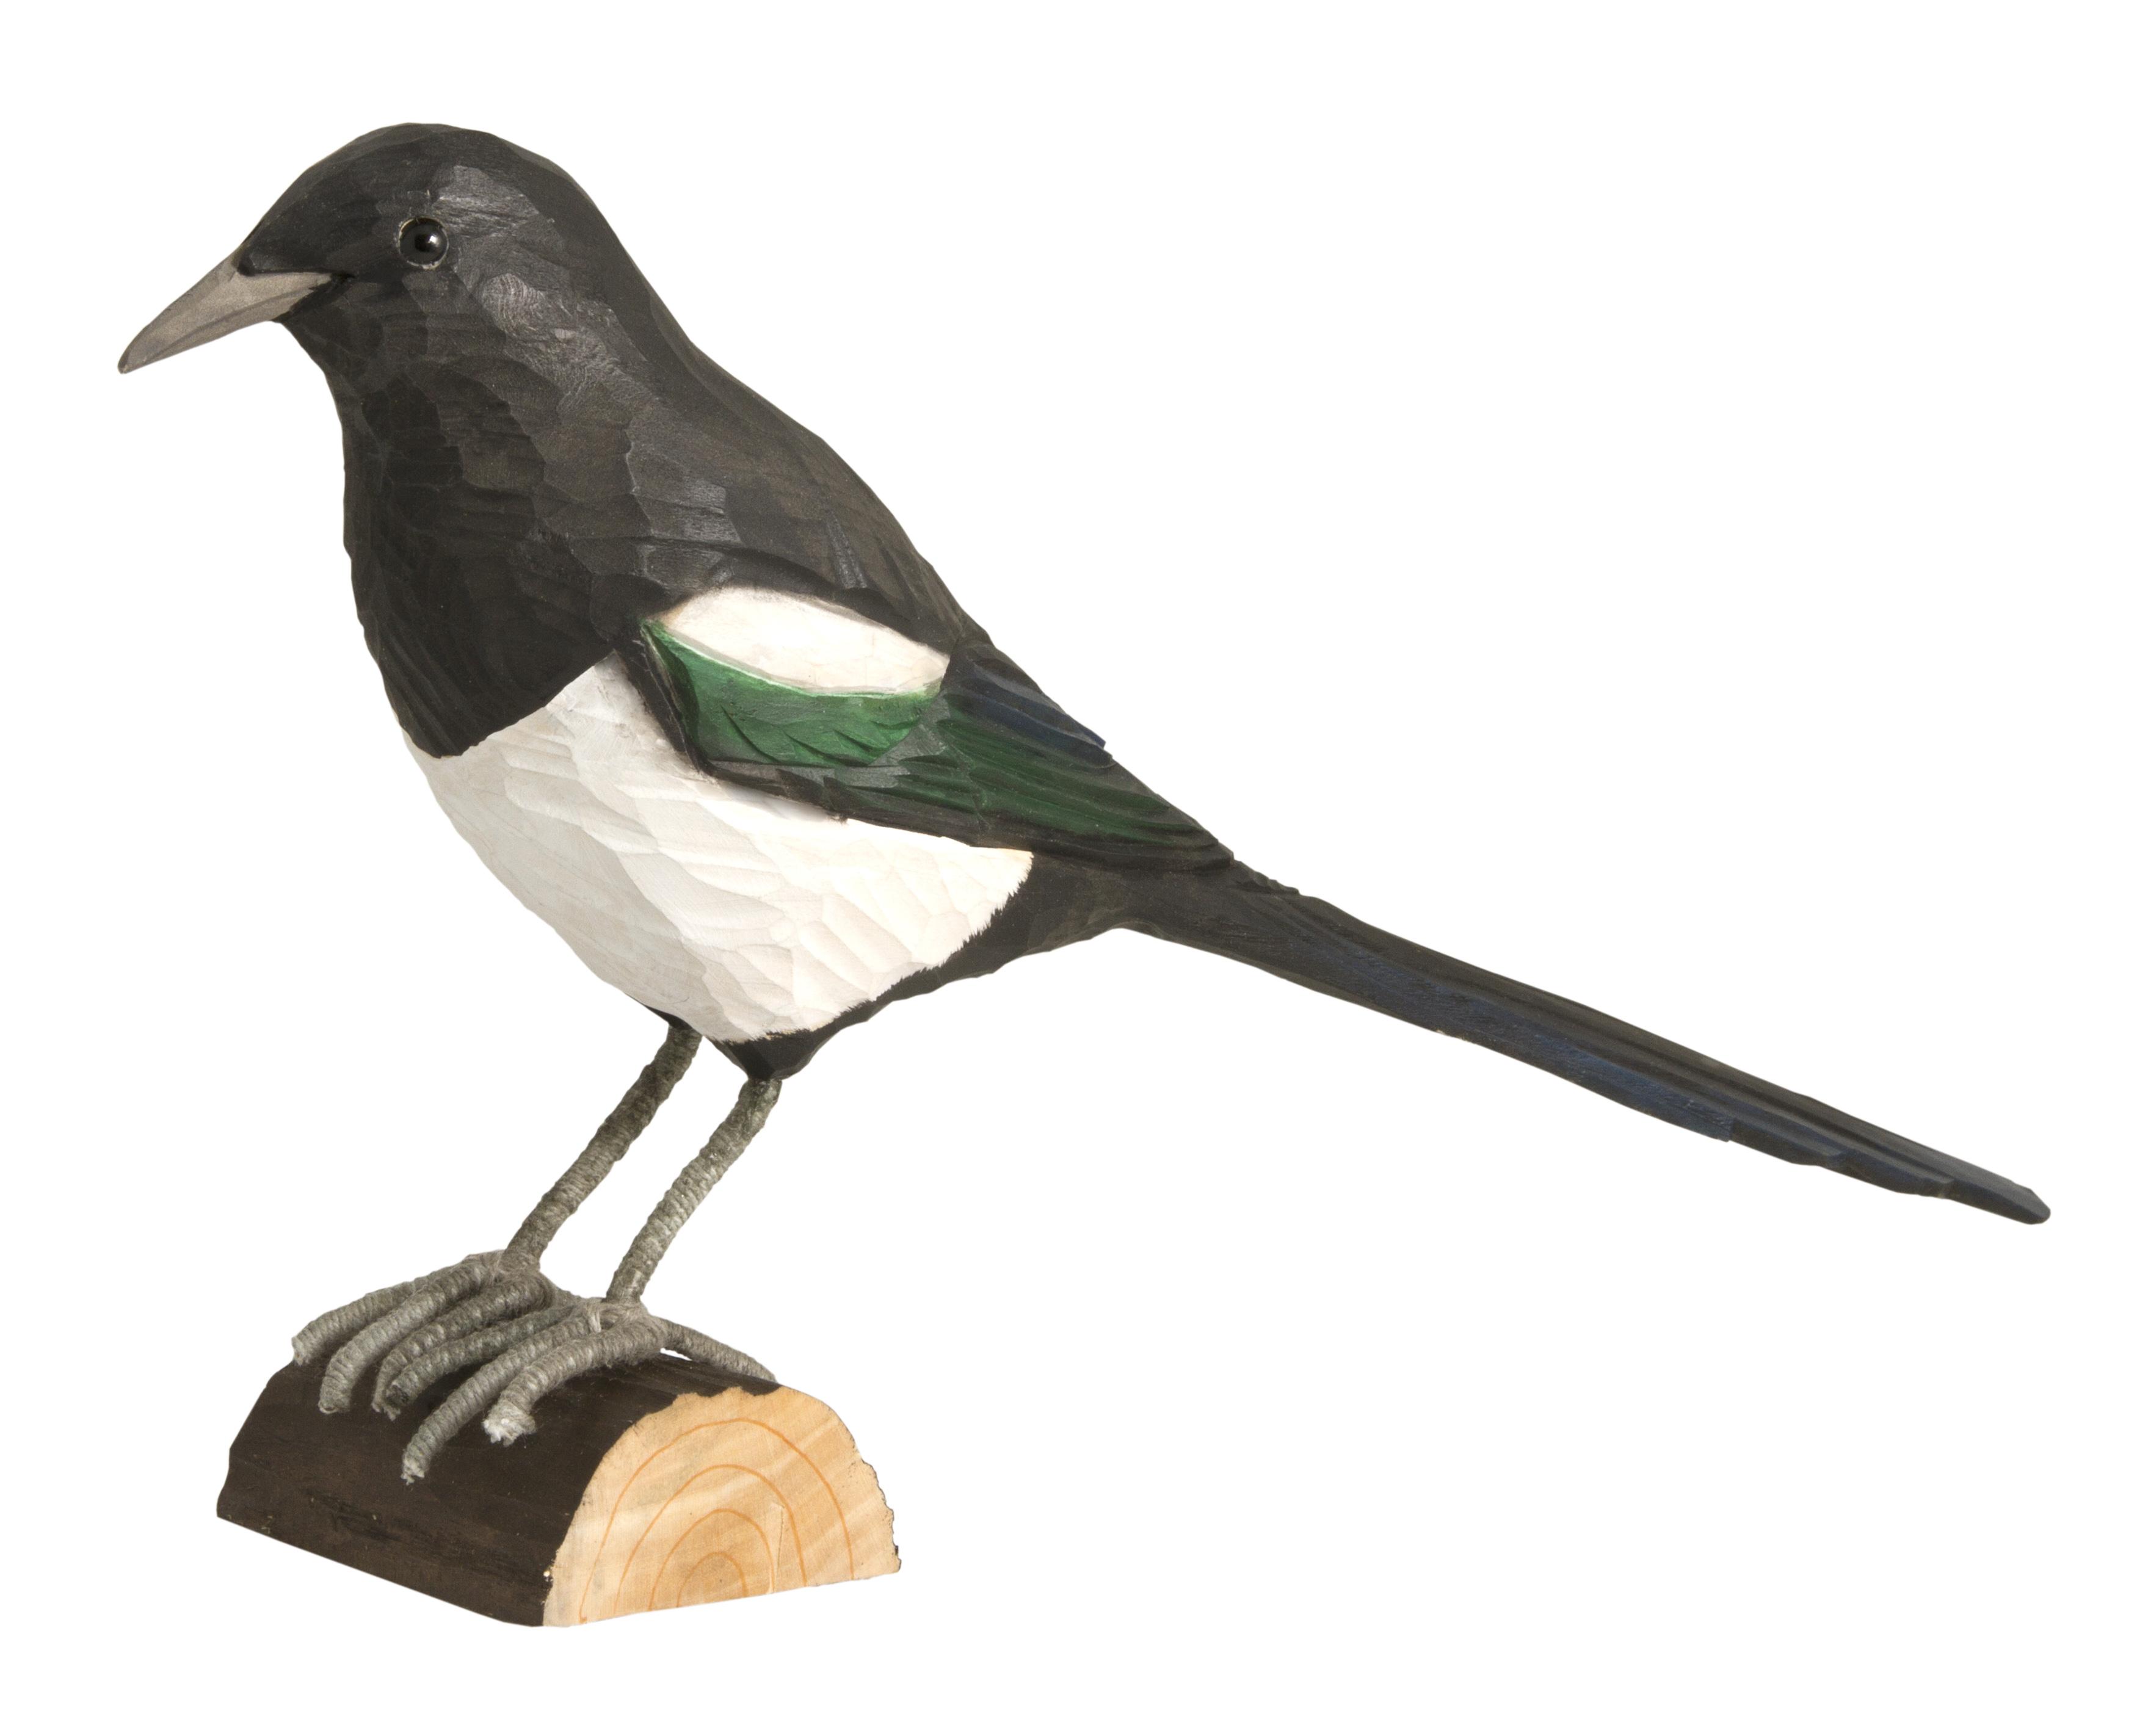 elster handgeschnitzt vogel und naturschutzprodukte einfach online kaufen. Black Bedroom Furniture Sets. Home Design Ideas